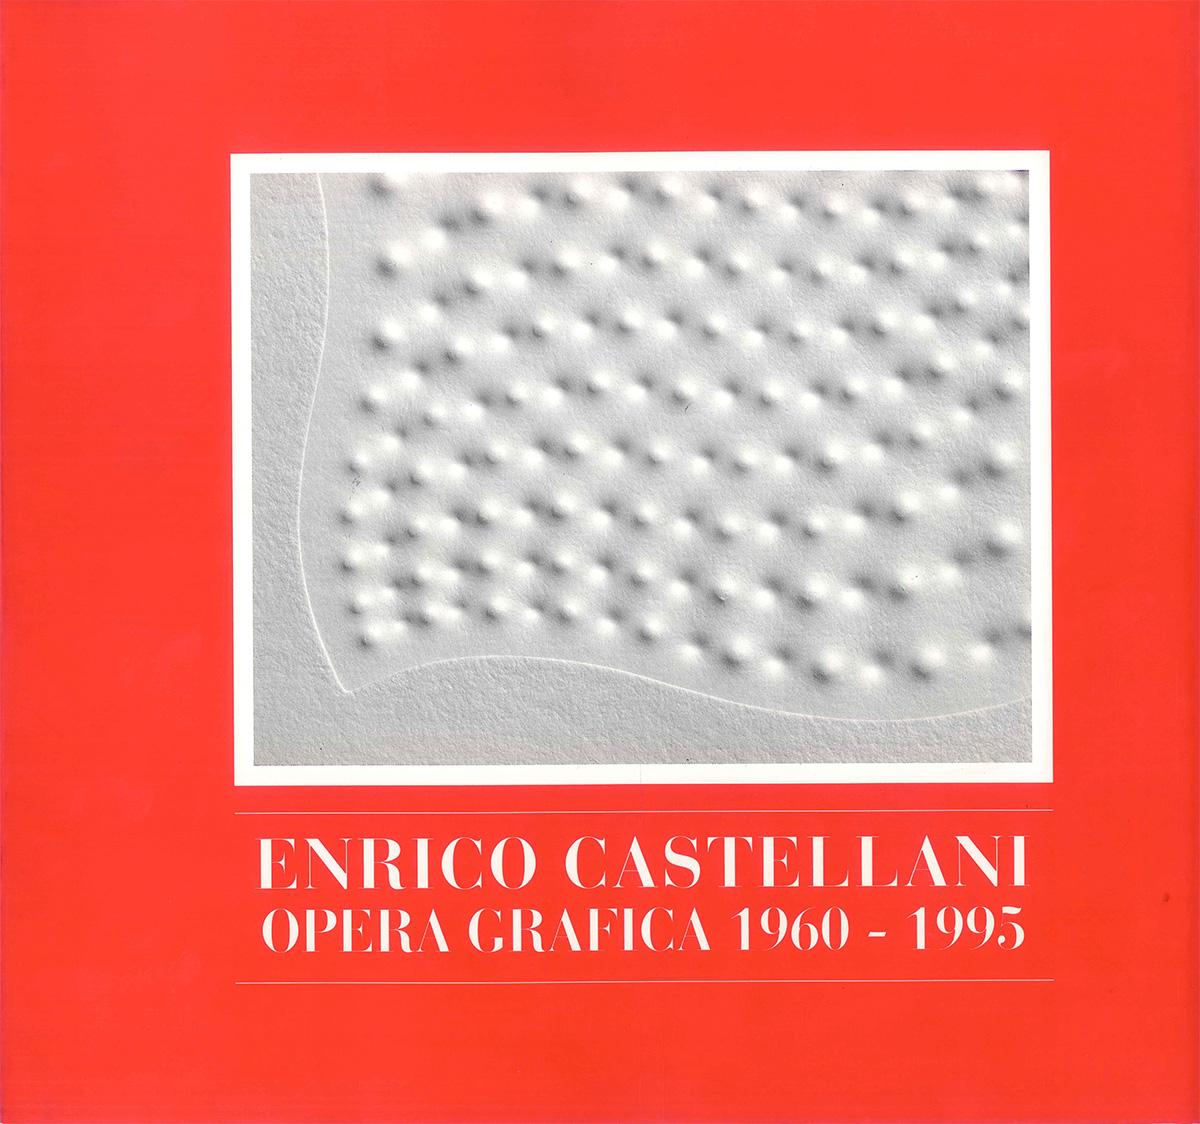 Cover - Enrico Castellani - Opera grafica 1960 - 1995, Leonardo Magini, 1996, Corraini Editore, Mantova